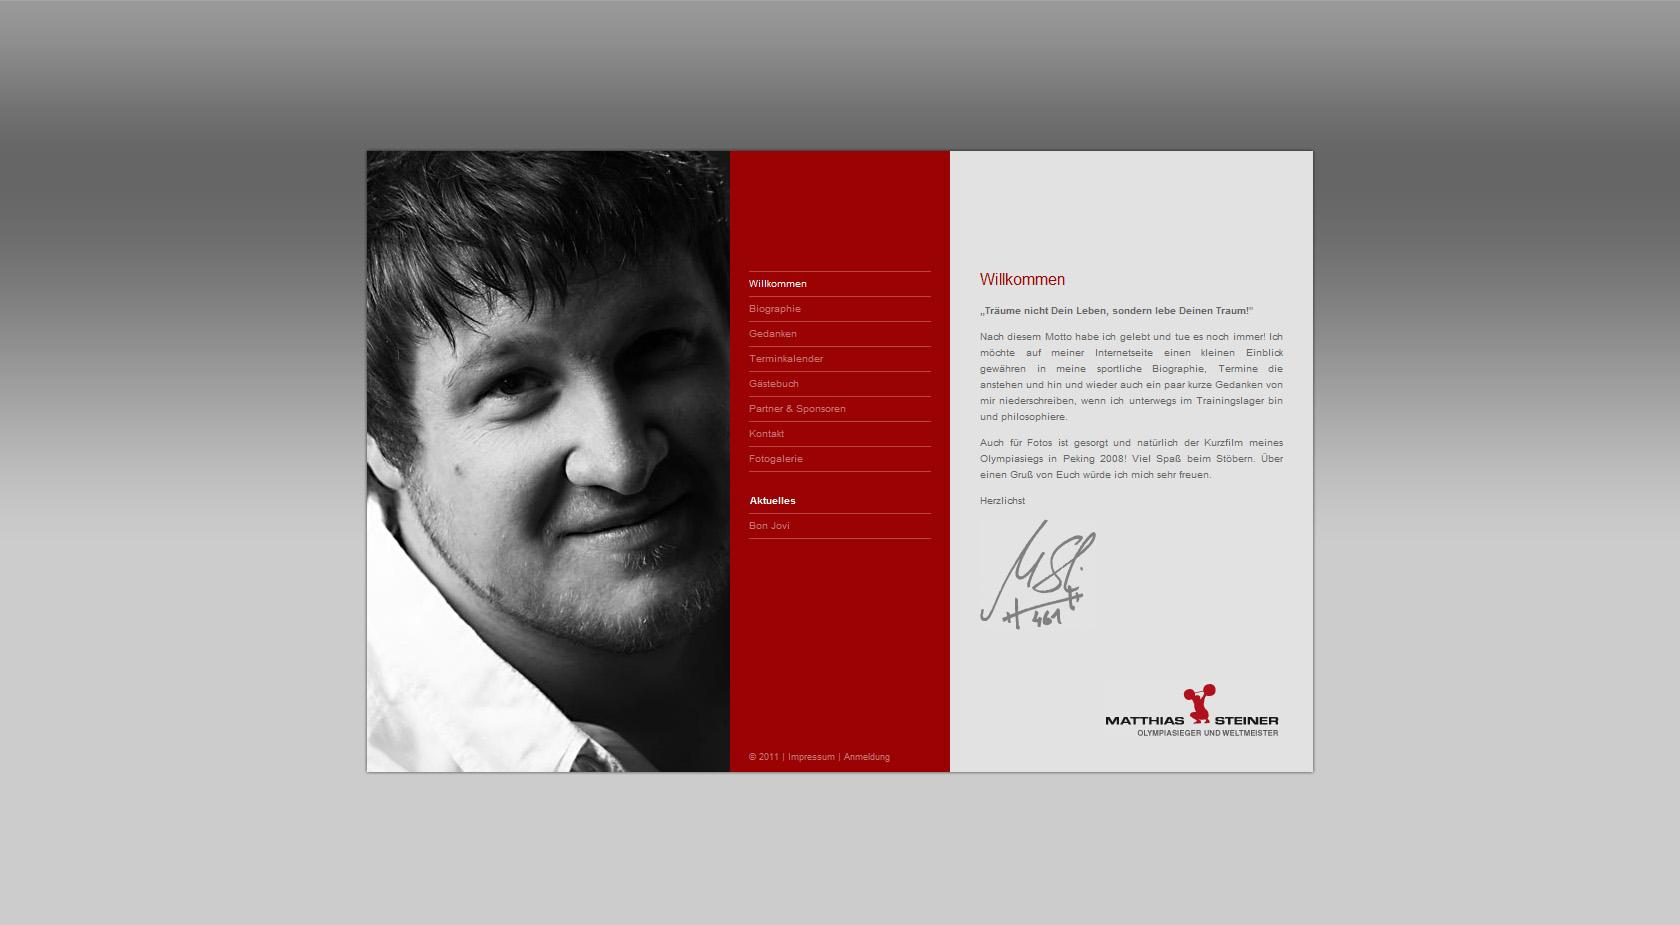 Matthias Steiner Website Screenshot